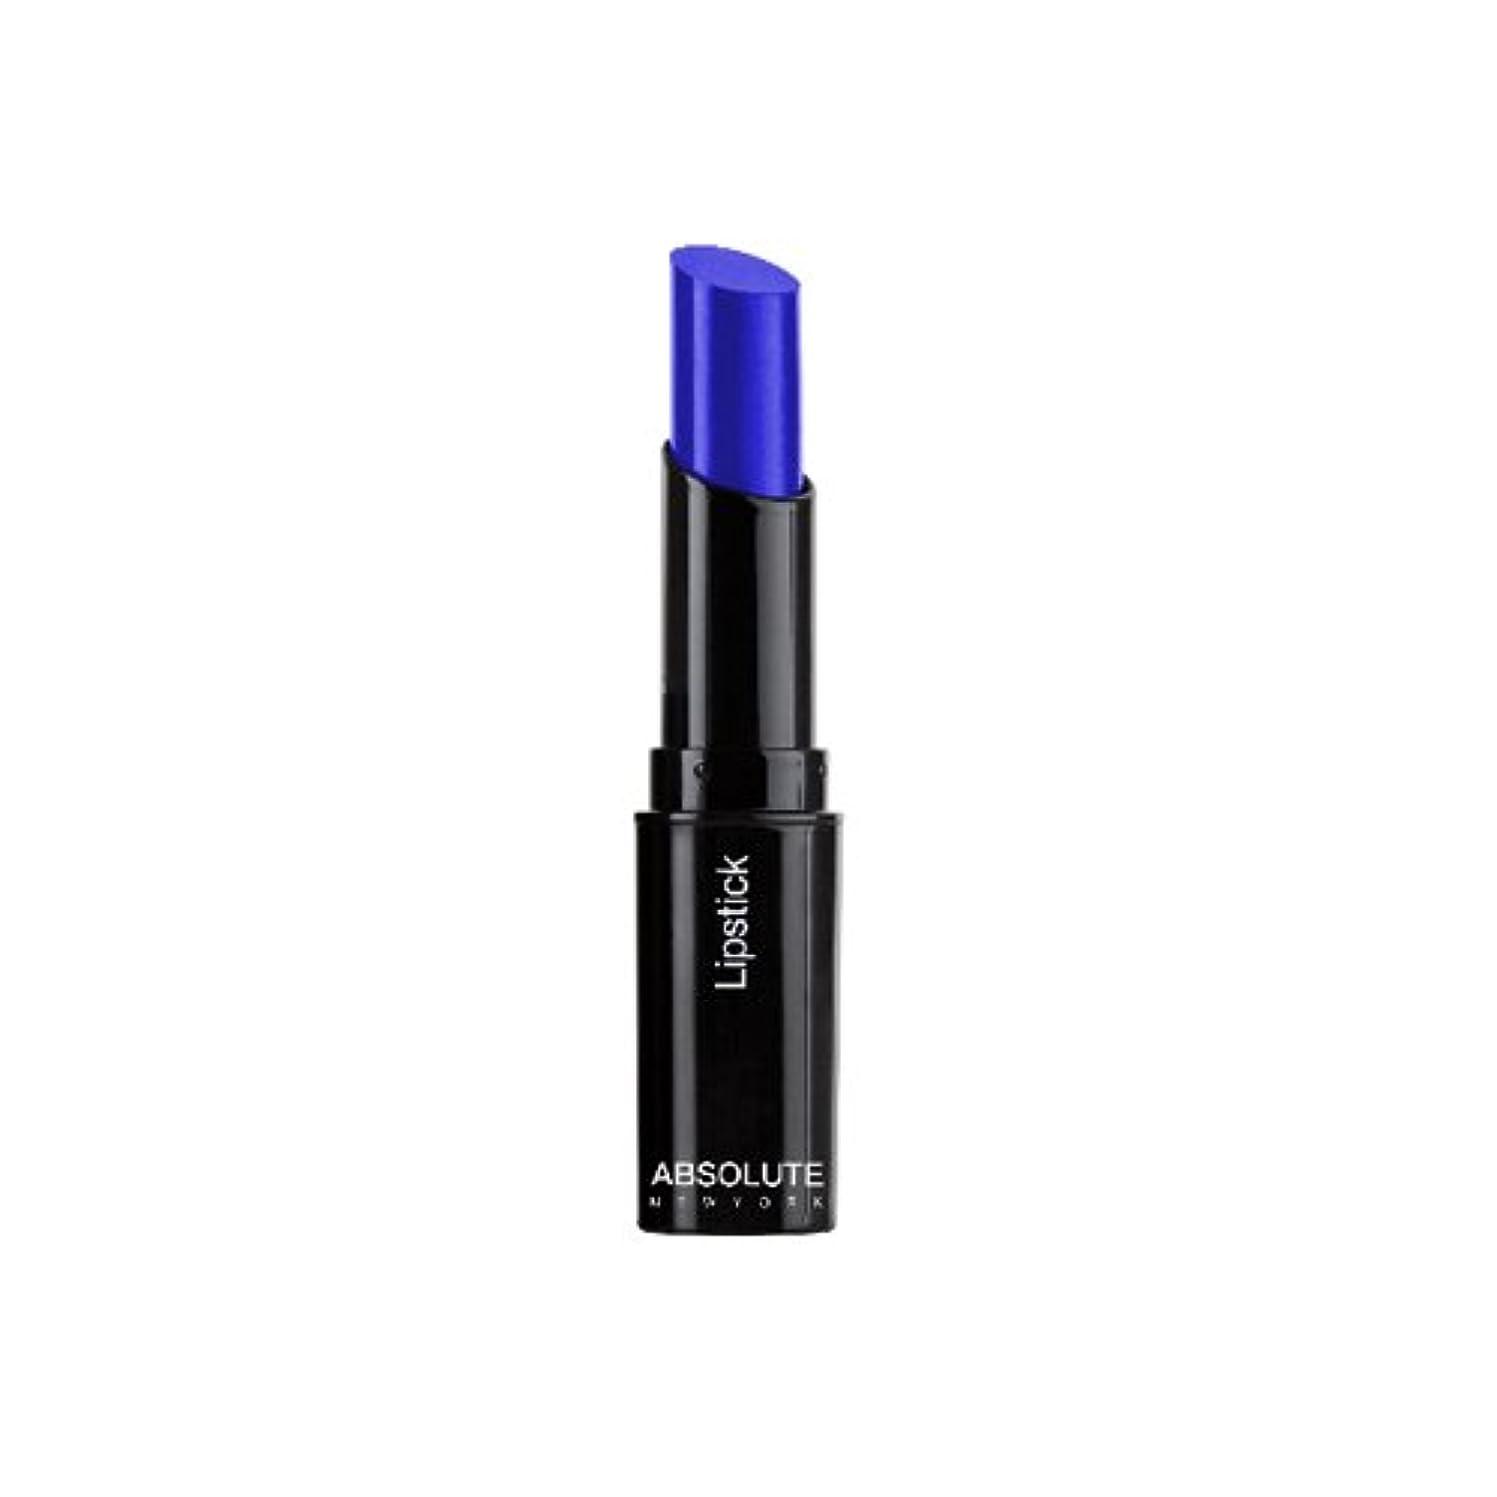 突然の落とし穴南西(6 Pack) ABSOLUTE Ultra Slick Lipstick - Charm (並行輸入品)